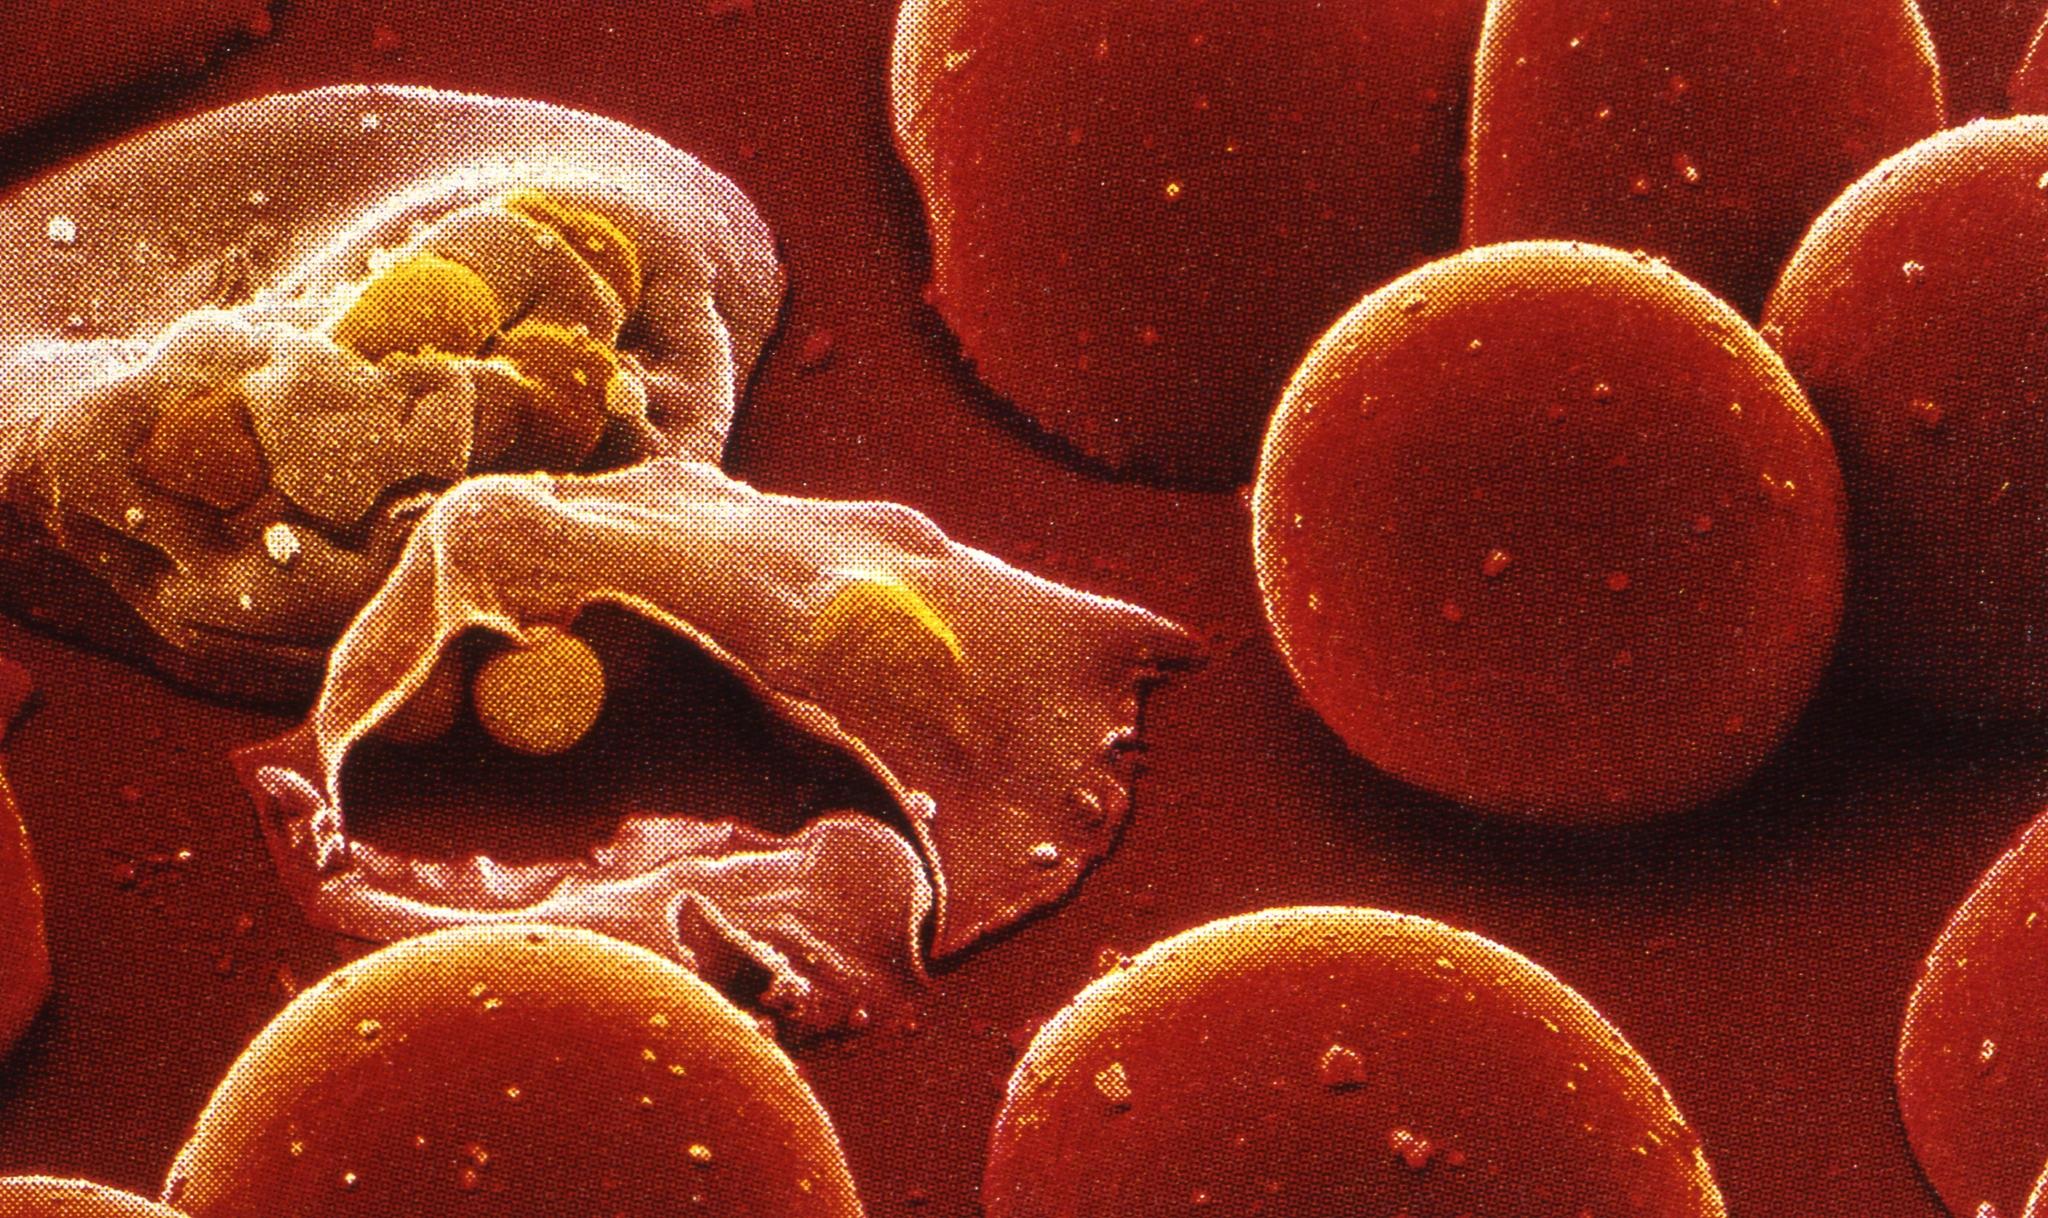 말라리아 원충의 침입과 증식 후 손상된 적혈구 모습. [중앙포토]